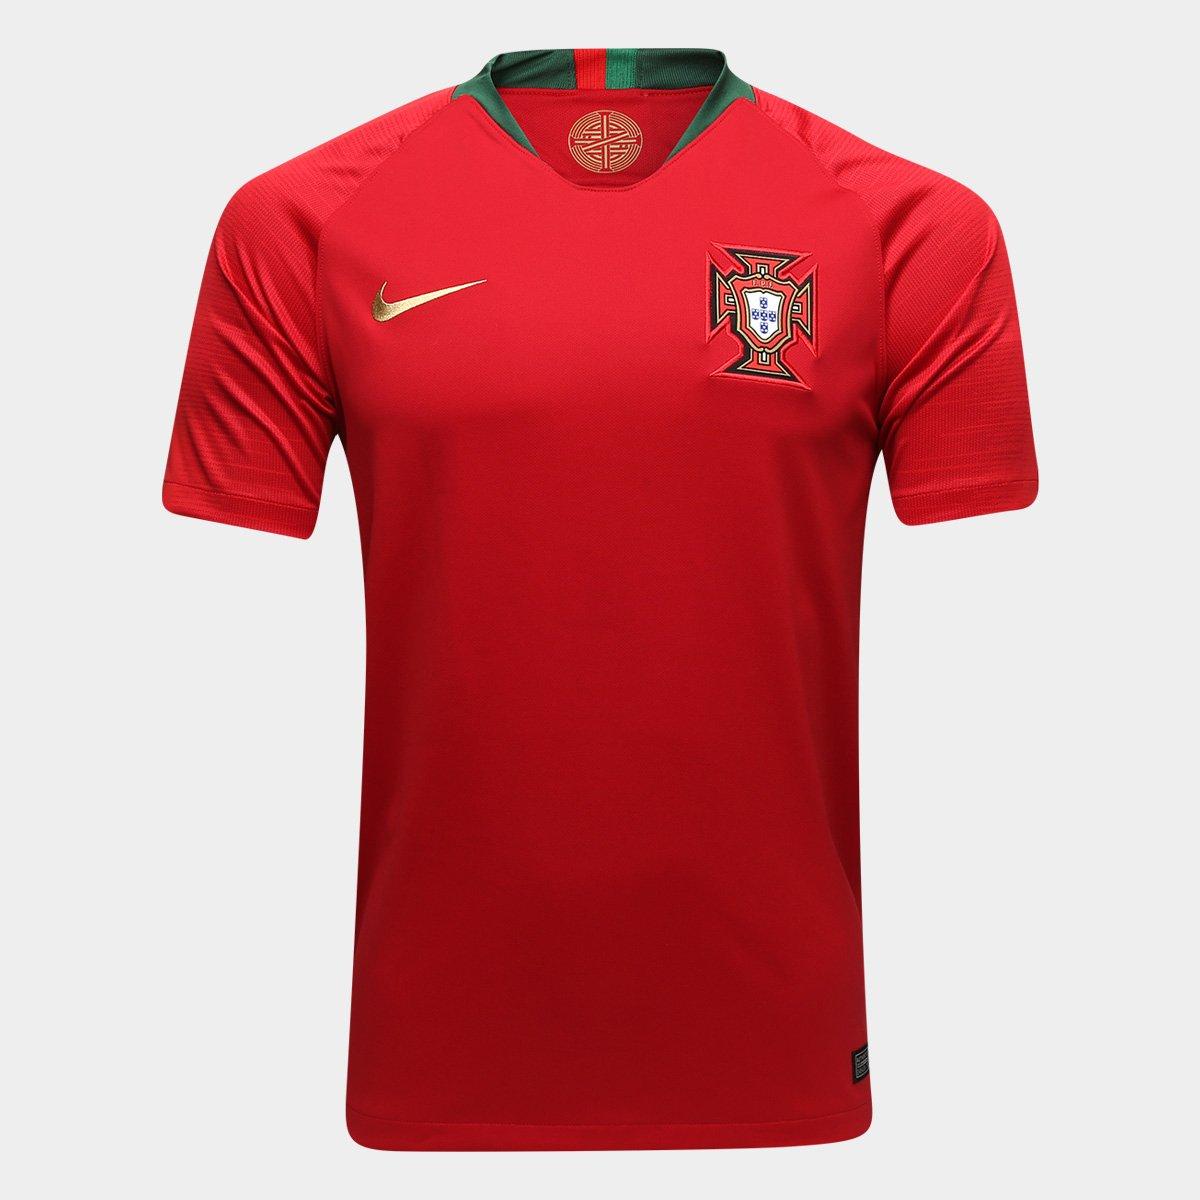 17fad893fc47e Camisa Seleção Portugal Home 2018 s n° Torcedor Nike Masculina - Compre  Agora